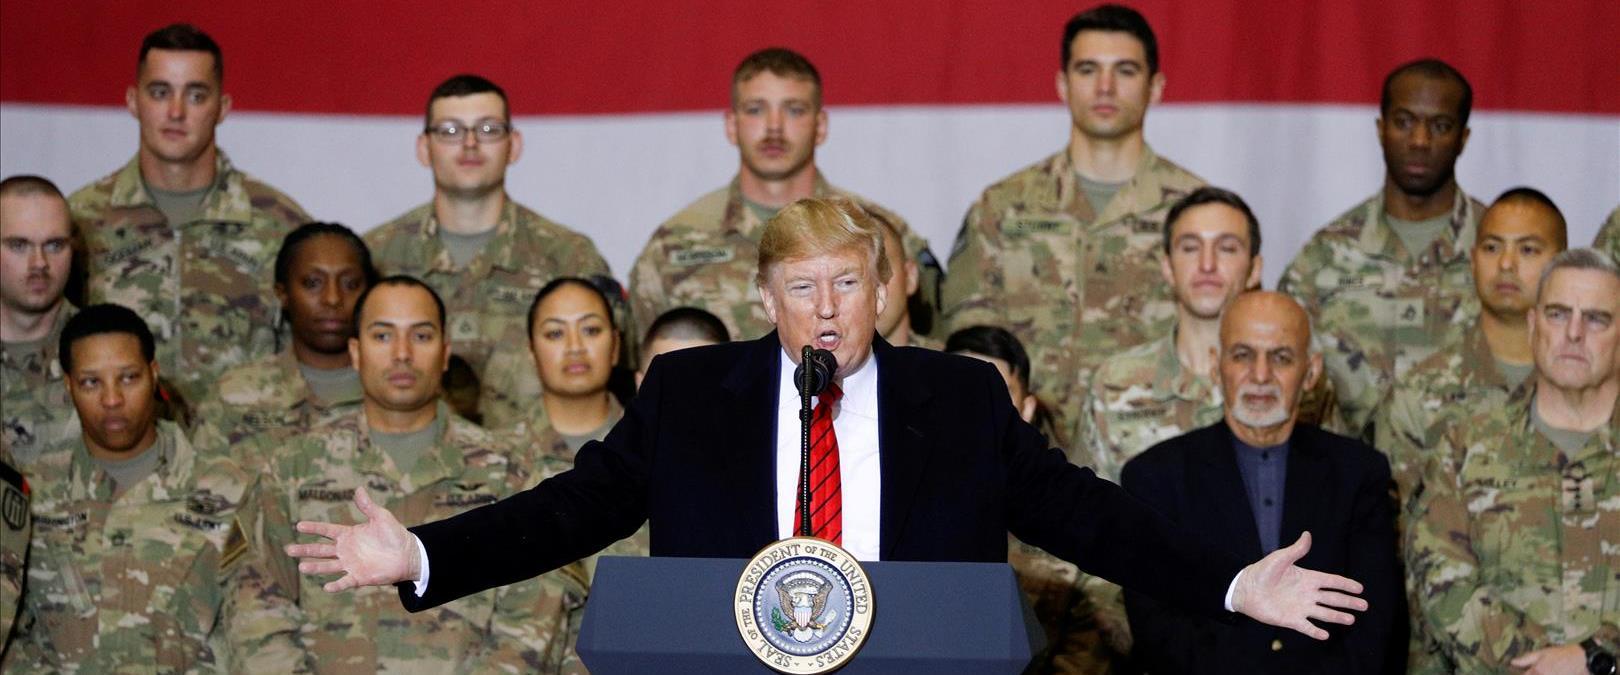 טראמפ וגאני עם חיילים באפגניסטן